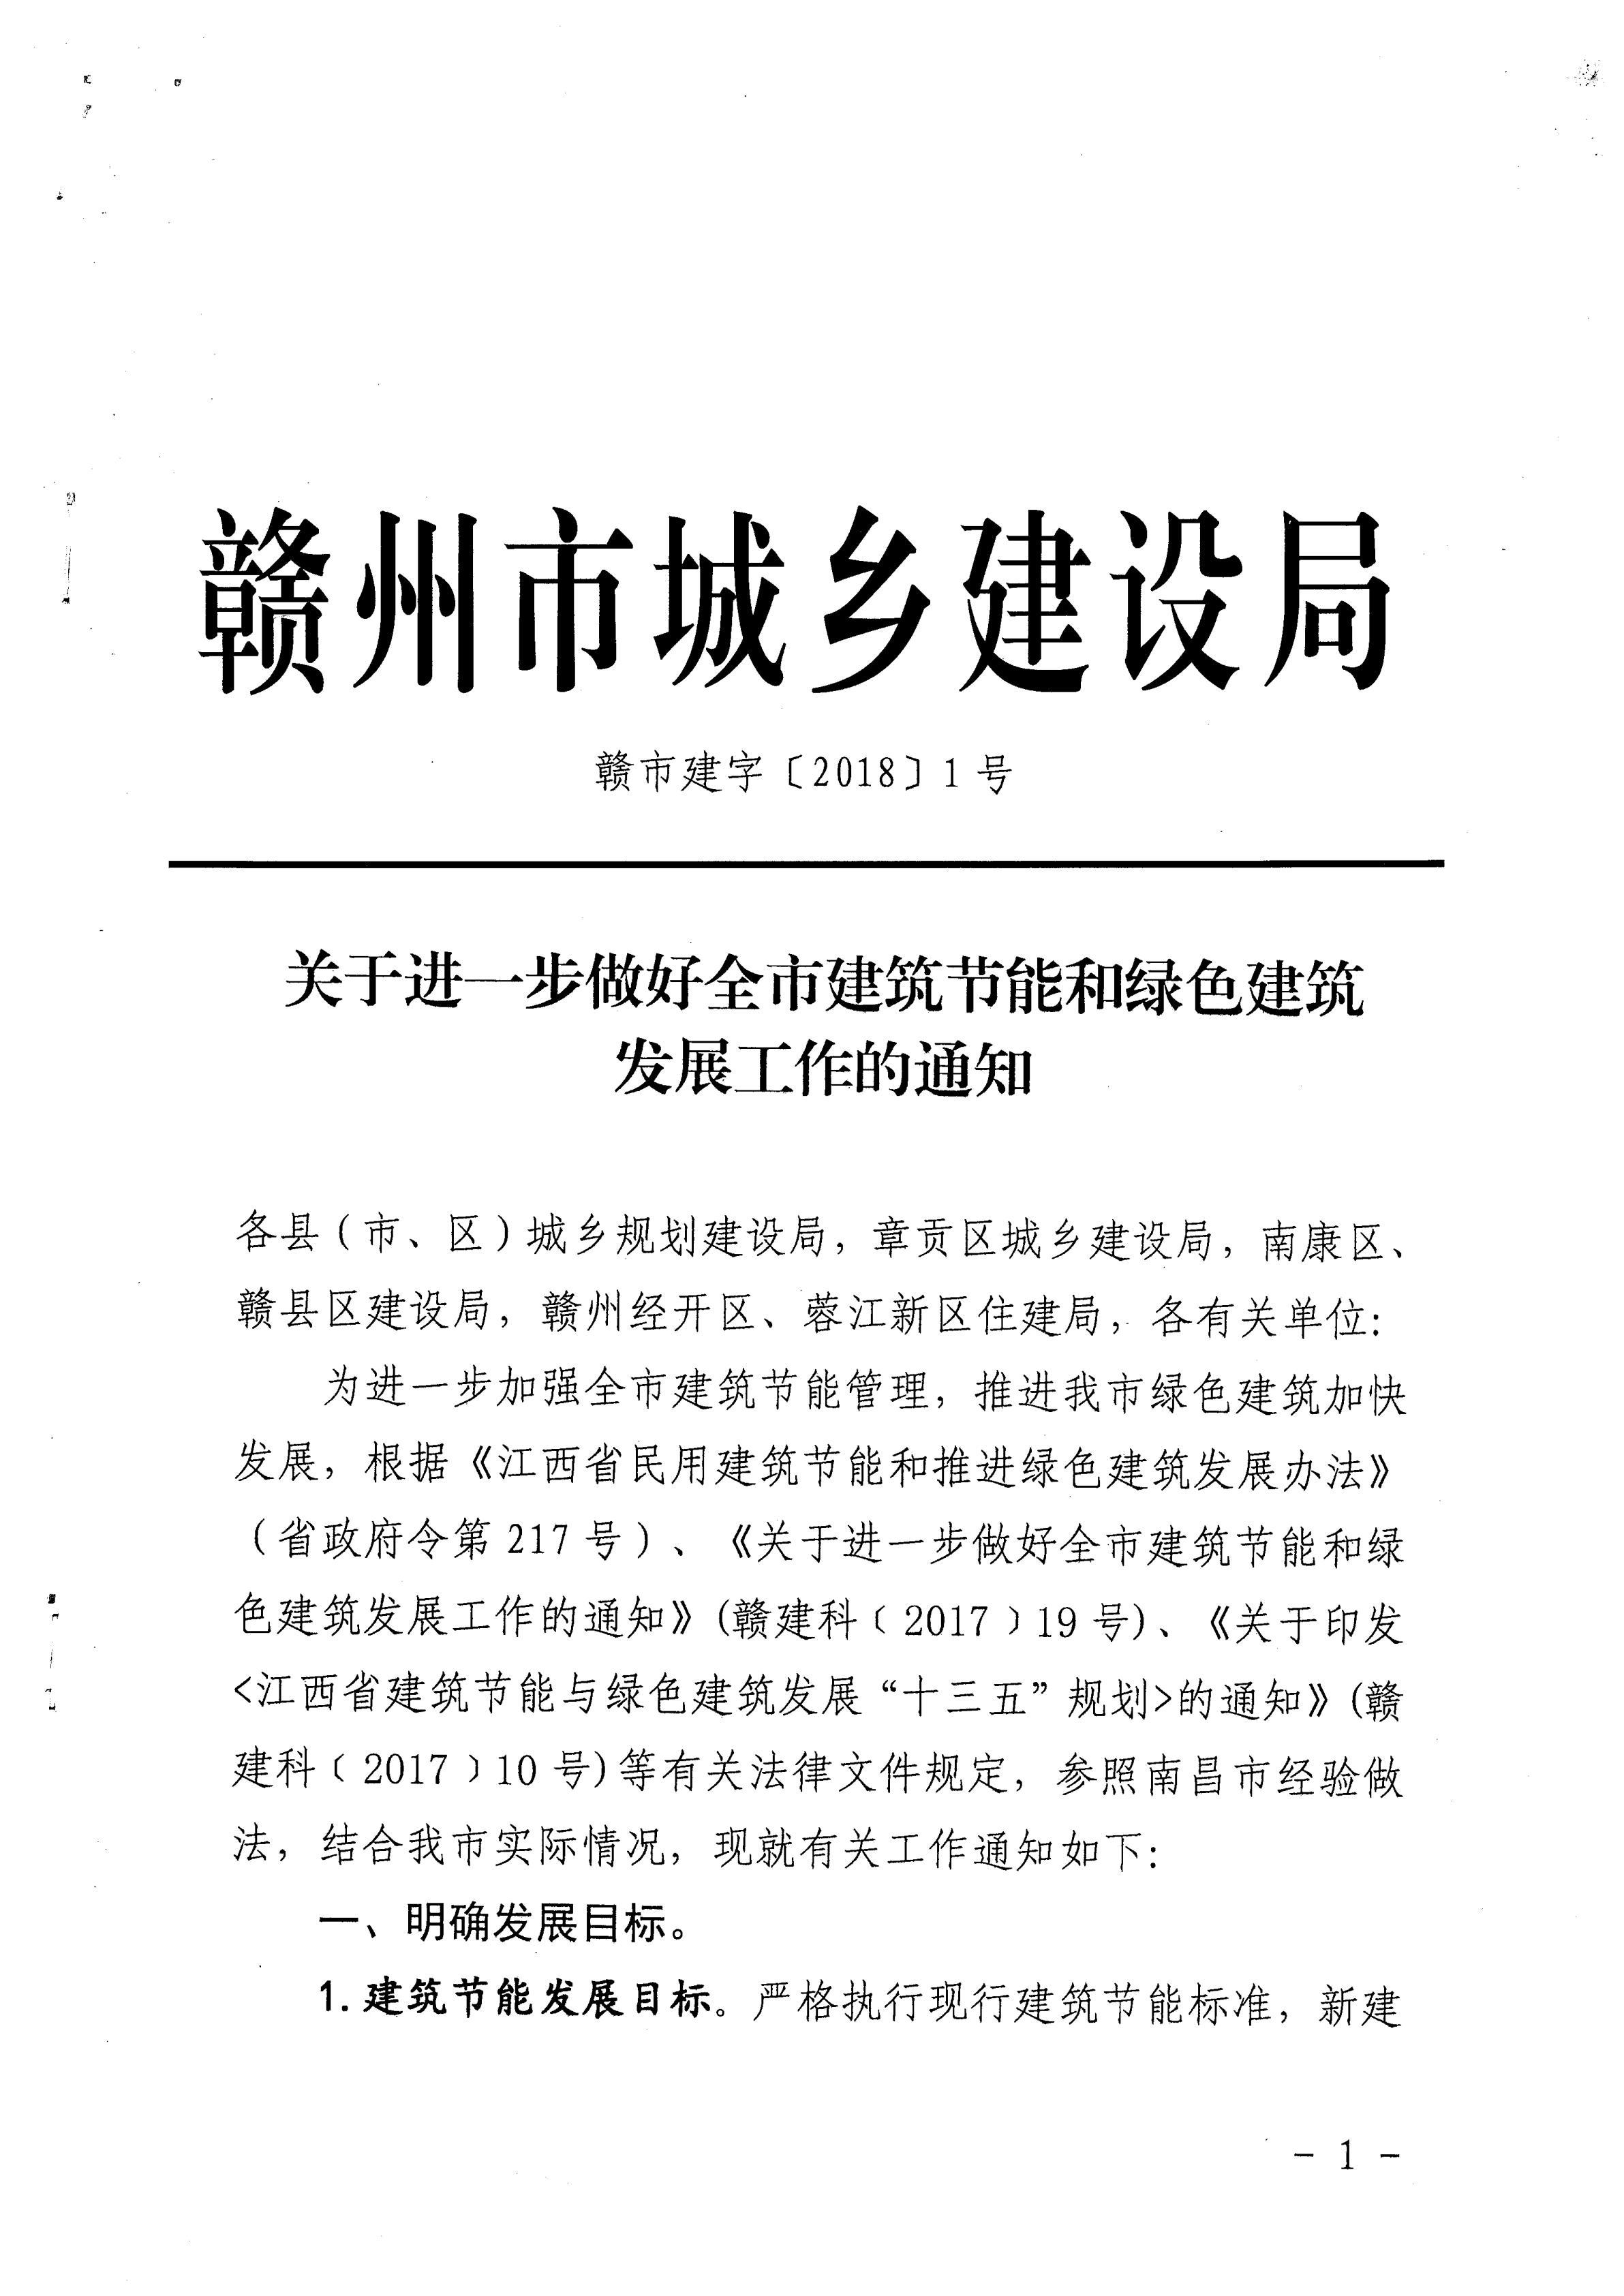 赣州市关于《进一步做好全市建筑节能和绿色建筑发展工作的通知(2018年文件)》